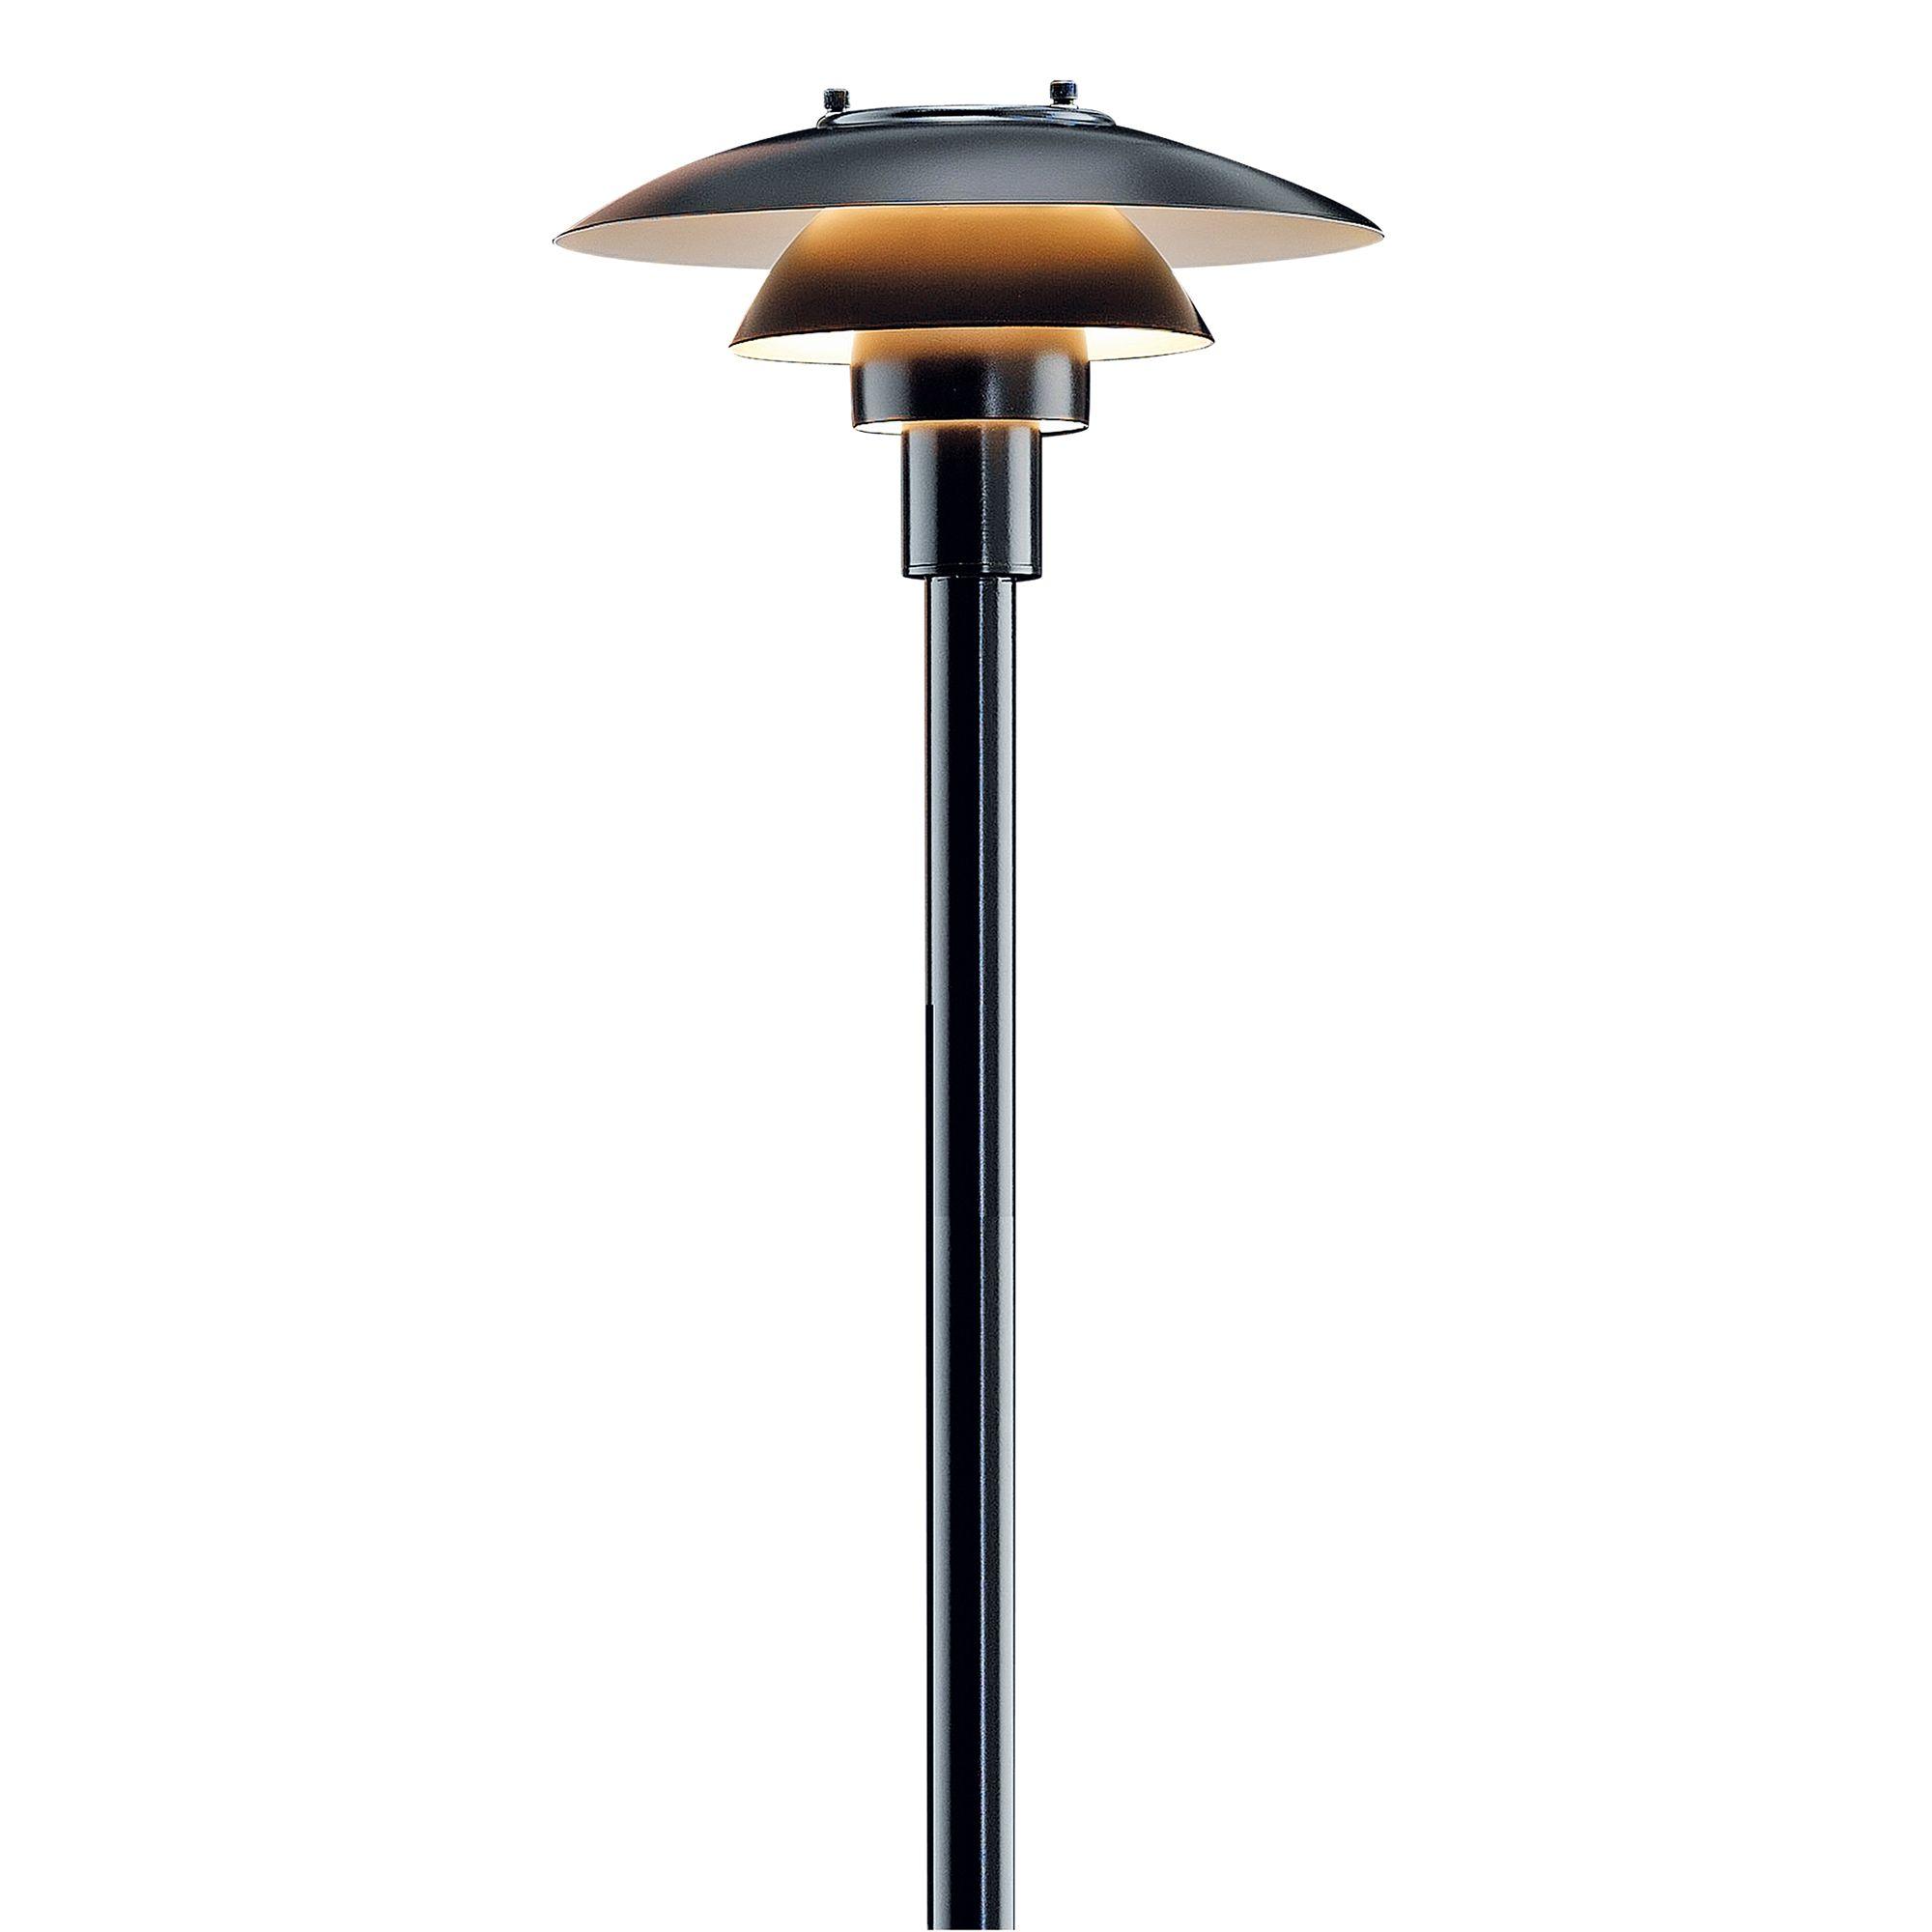 Louis Poulsen PH 3-2,5 Bolder Outdoor buitenlamp